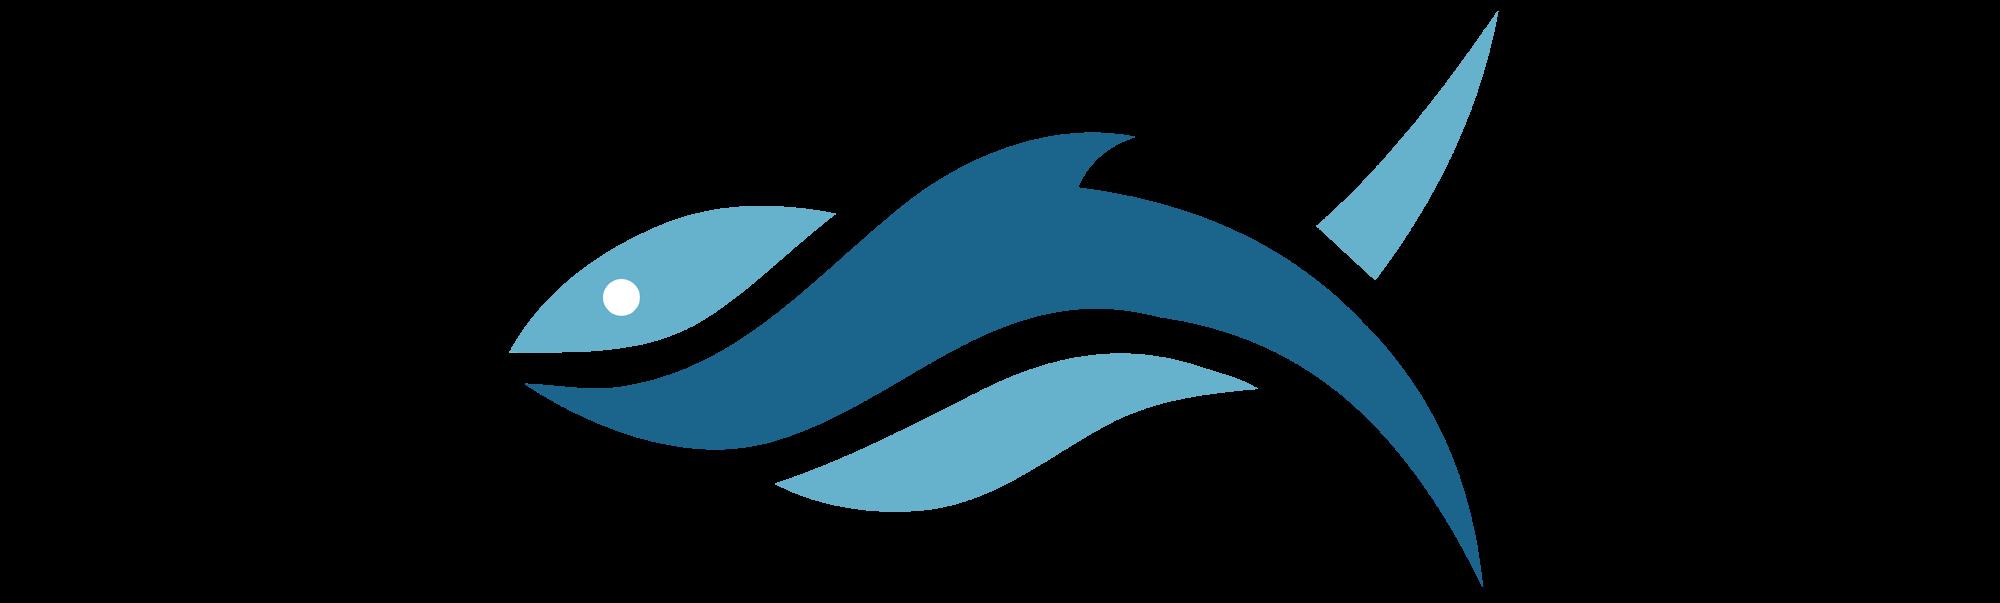 Freshline logo